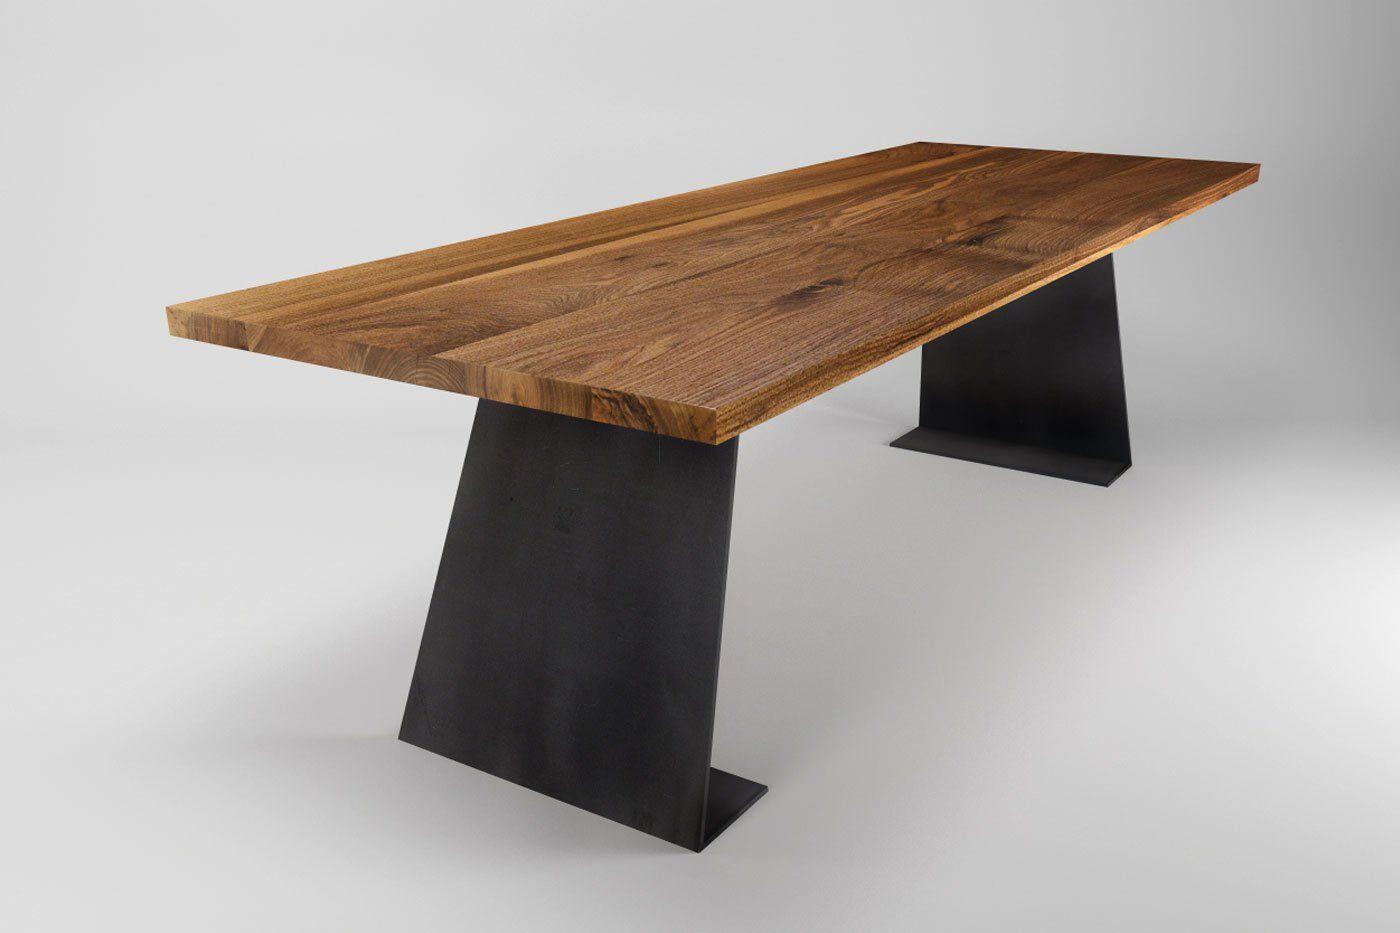 Nussbaum Tisch Farum Modern Nach Mass In 2020 Nussbaum Tisch